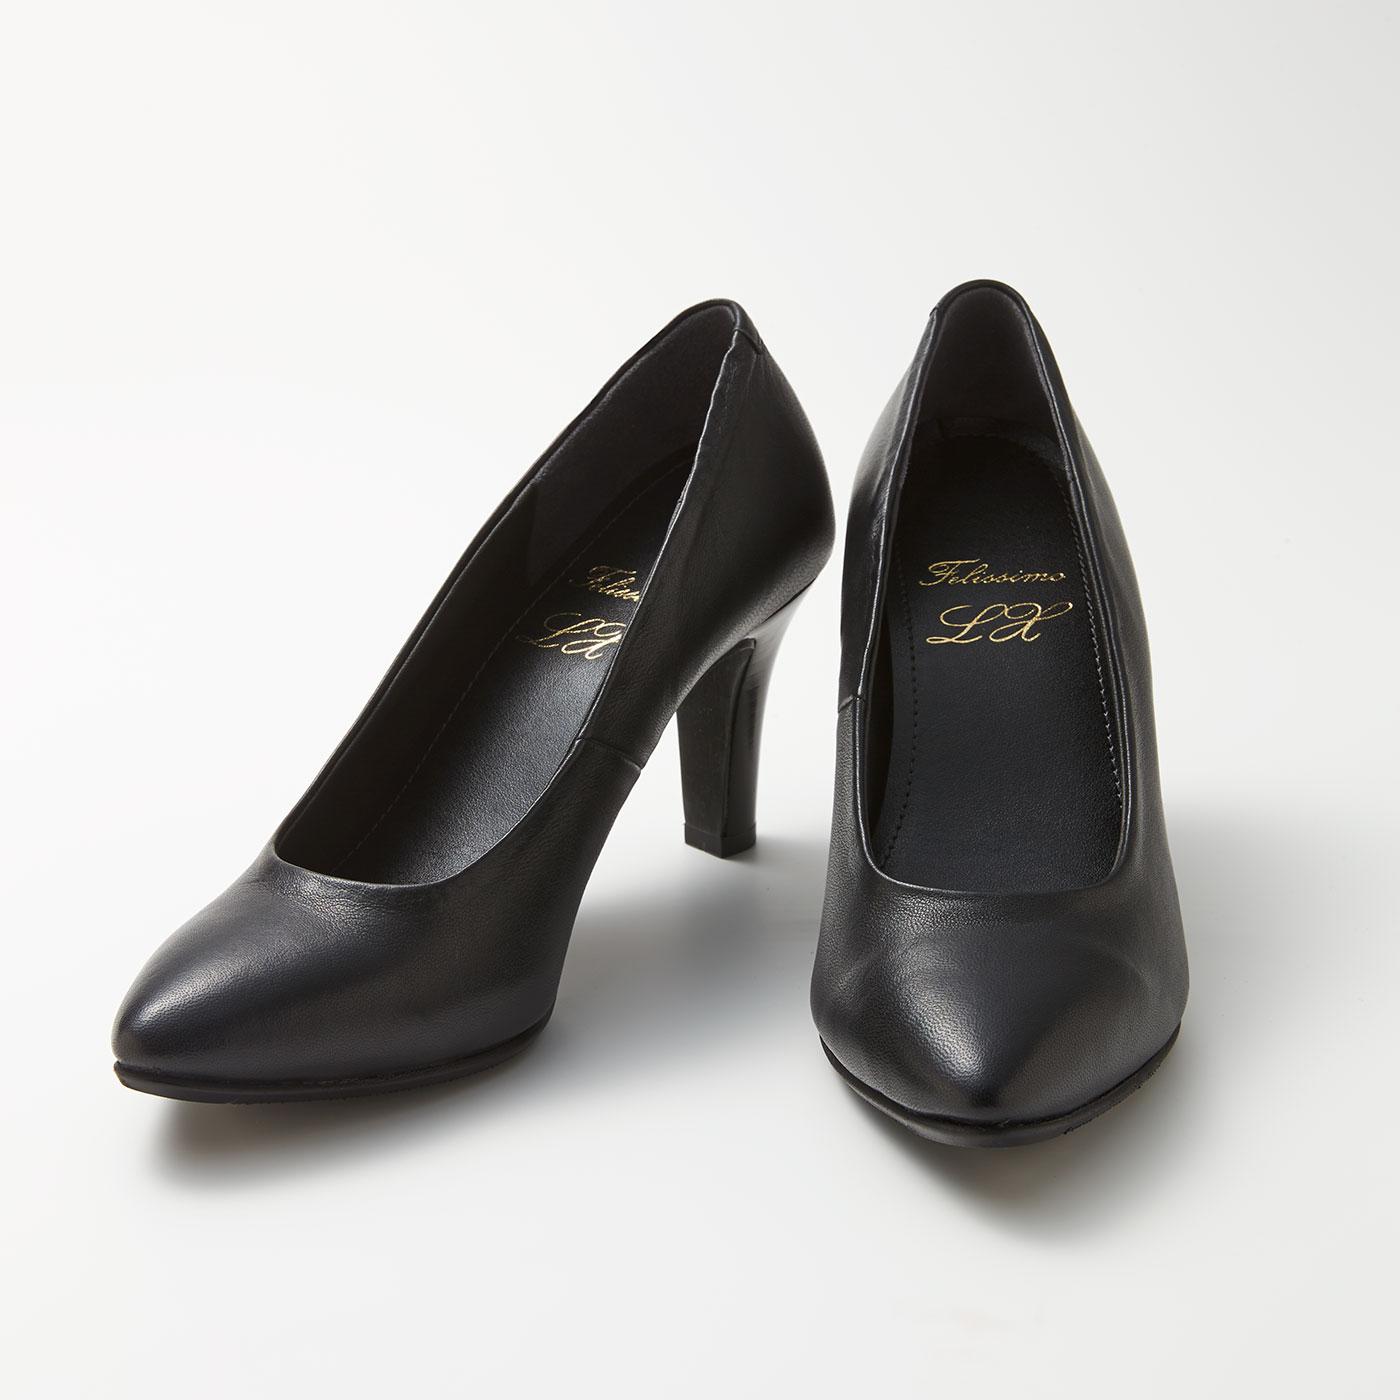 独自の靴型でフィット&ホールド大人の女性の足型や体形などを考慮に入れて作ったオリジナルの靴型を採用し、やっと完成したパンプス